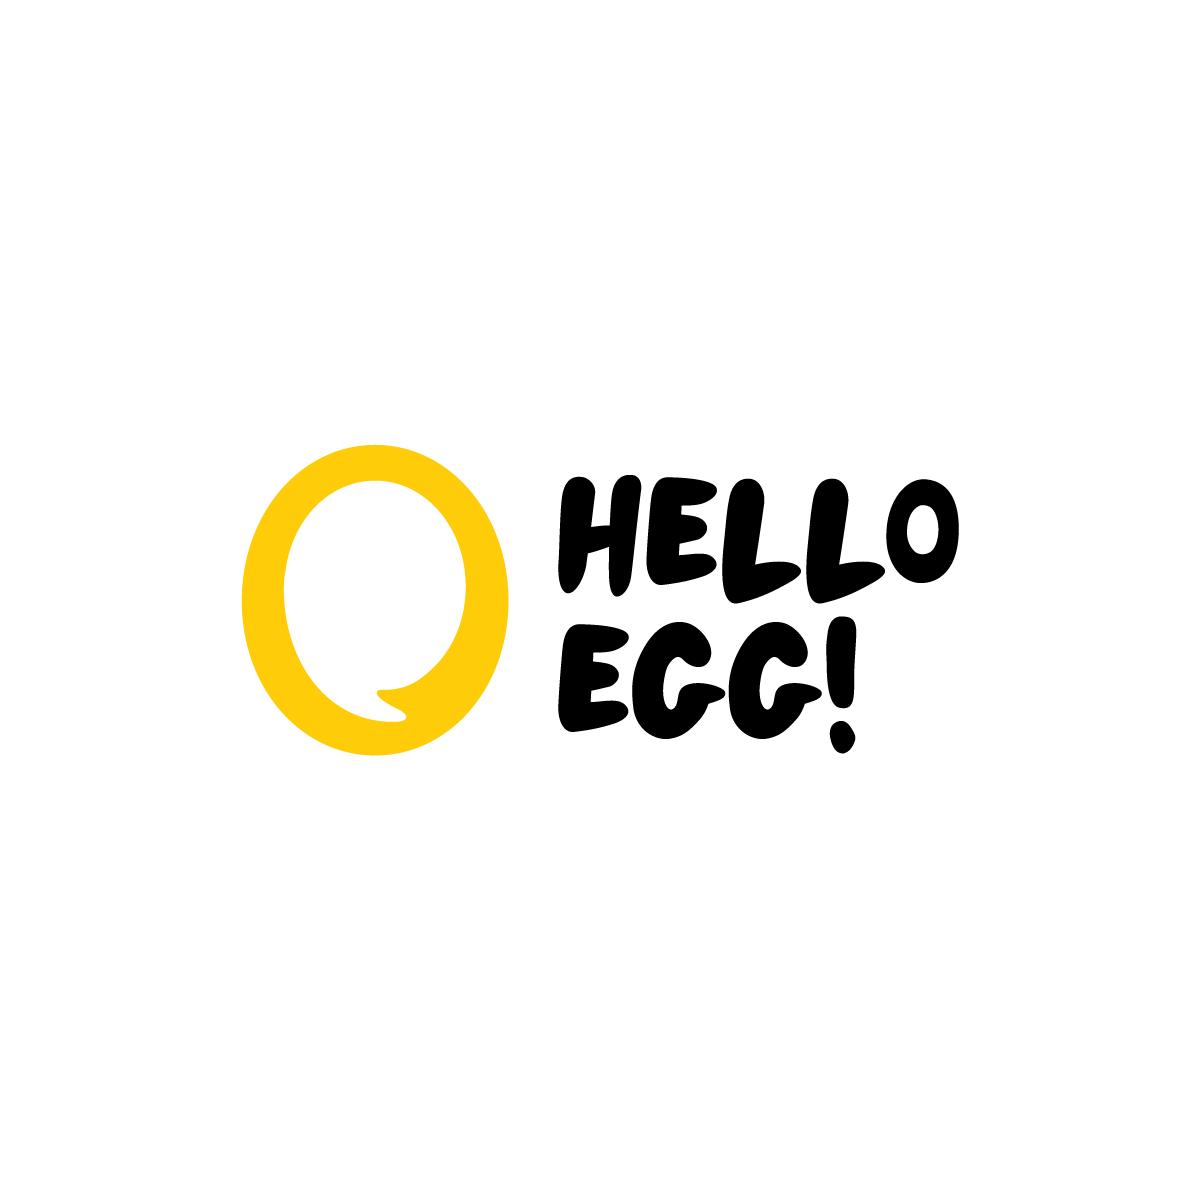 Hello Egg!.